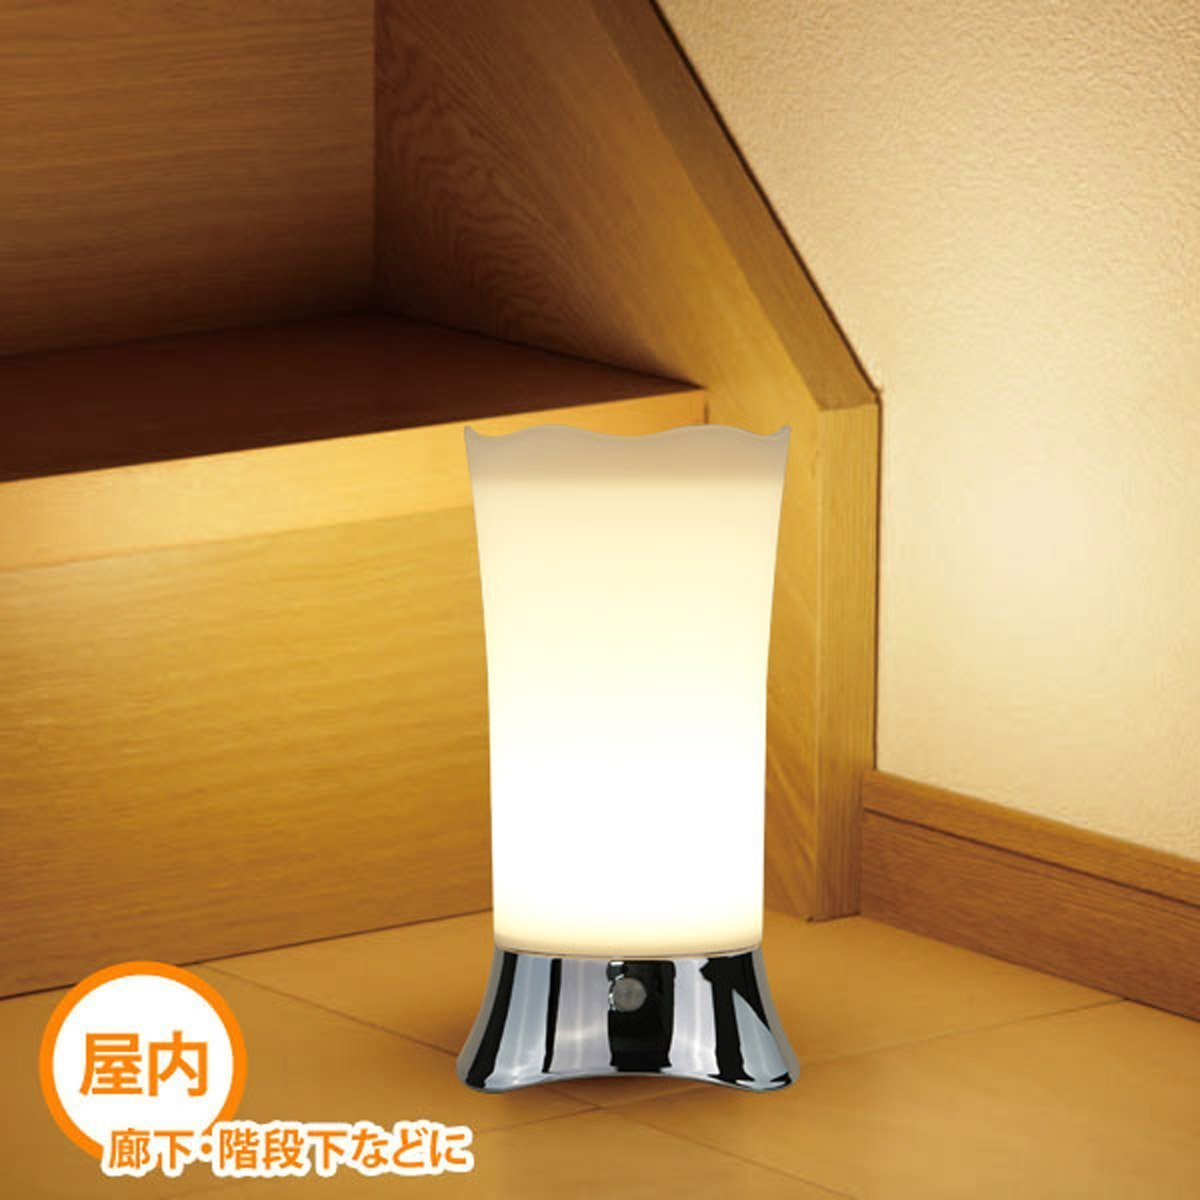 ZEEFO LEDセンサーライト 3つモード暖色系 ナイトライト 乾電池式 人感フットライト 玄関 階段 足元灯 product image